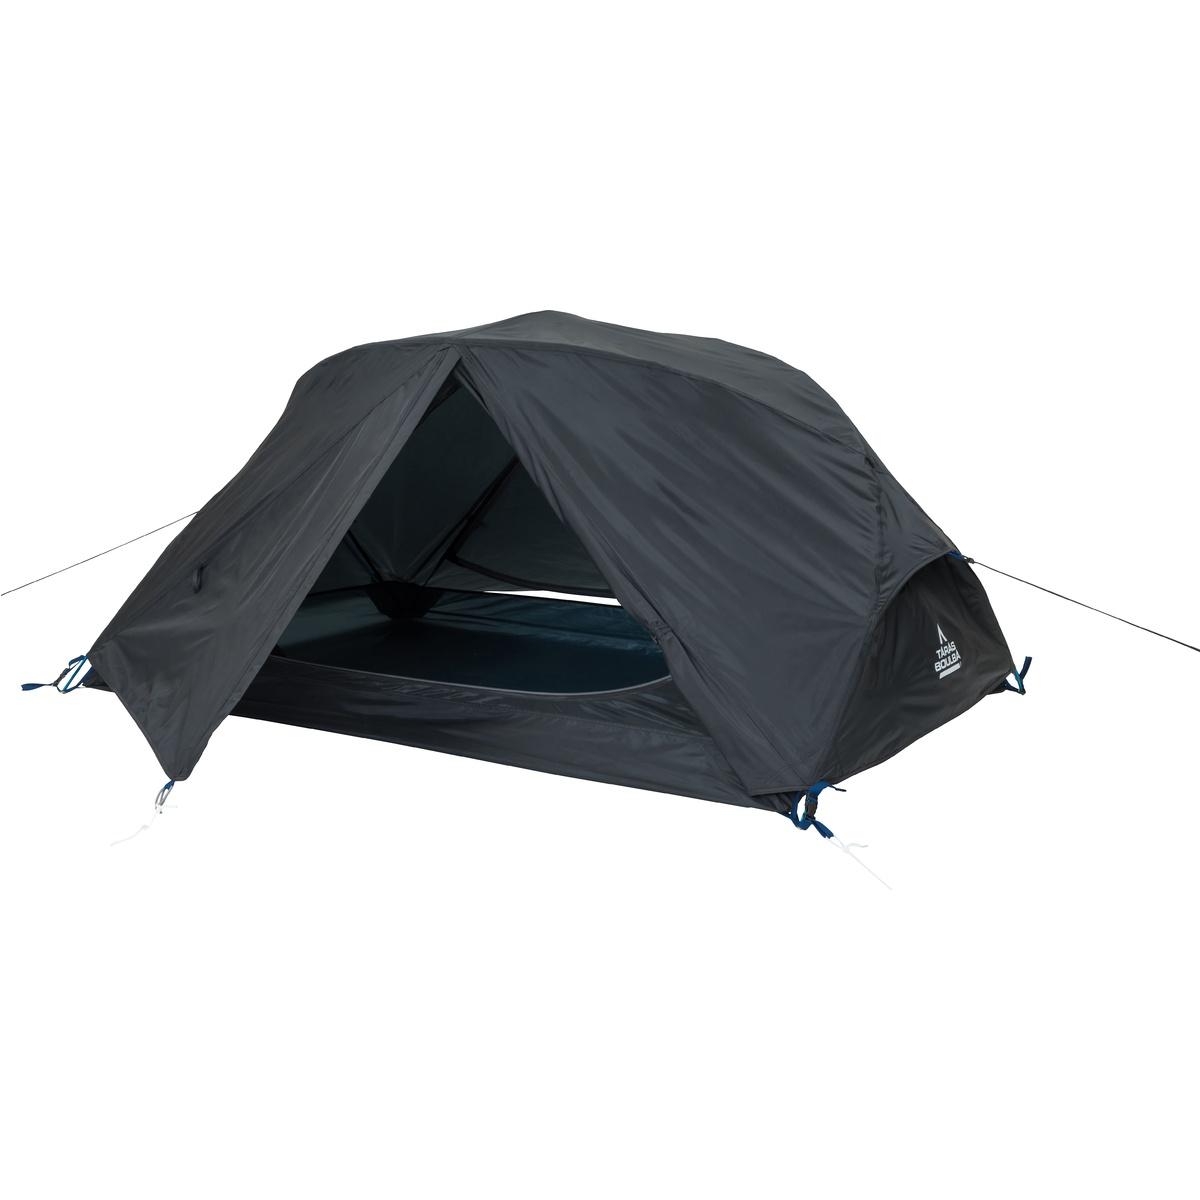 【送料無料】 TARAS BOULBA(タラスブルバ) キャンプ用品 ソロ その他テント ツーリングテント ALRP ブラック TB-S19-015-006